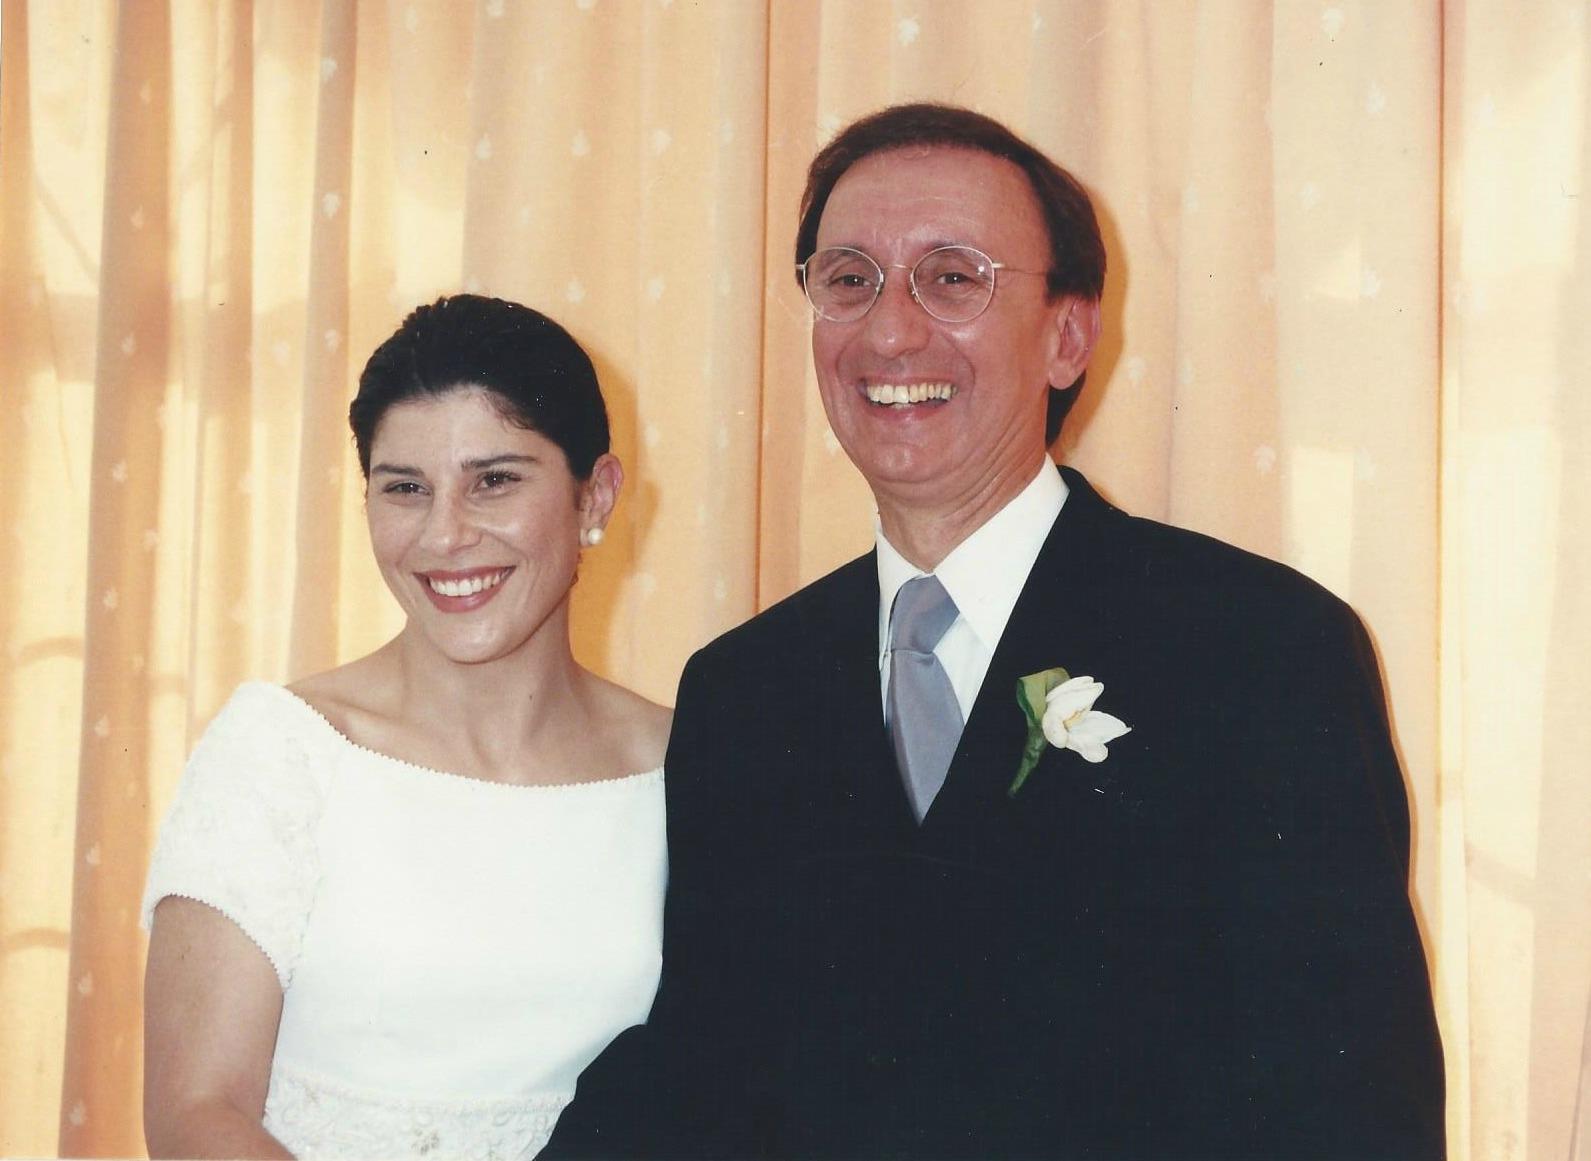 Sandra e Júlio Isidro - 24 de abril de 1998, Quinta em Murches